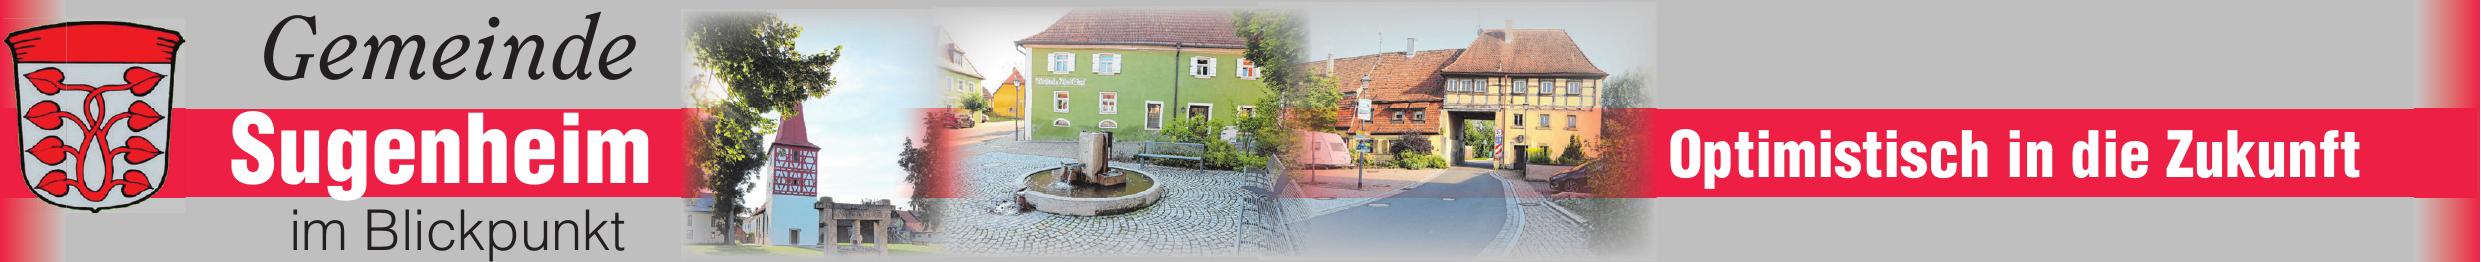 """In Sugenheim ist vieles """"im Fluss"""", einiges ging """"den Bach hinunter"""" und in manchen Dingen kann keine andere Gemeinde Sugenheim """"das Wasser reichen"""" Image 1"""